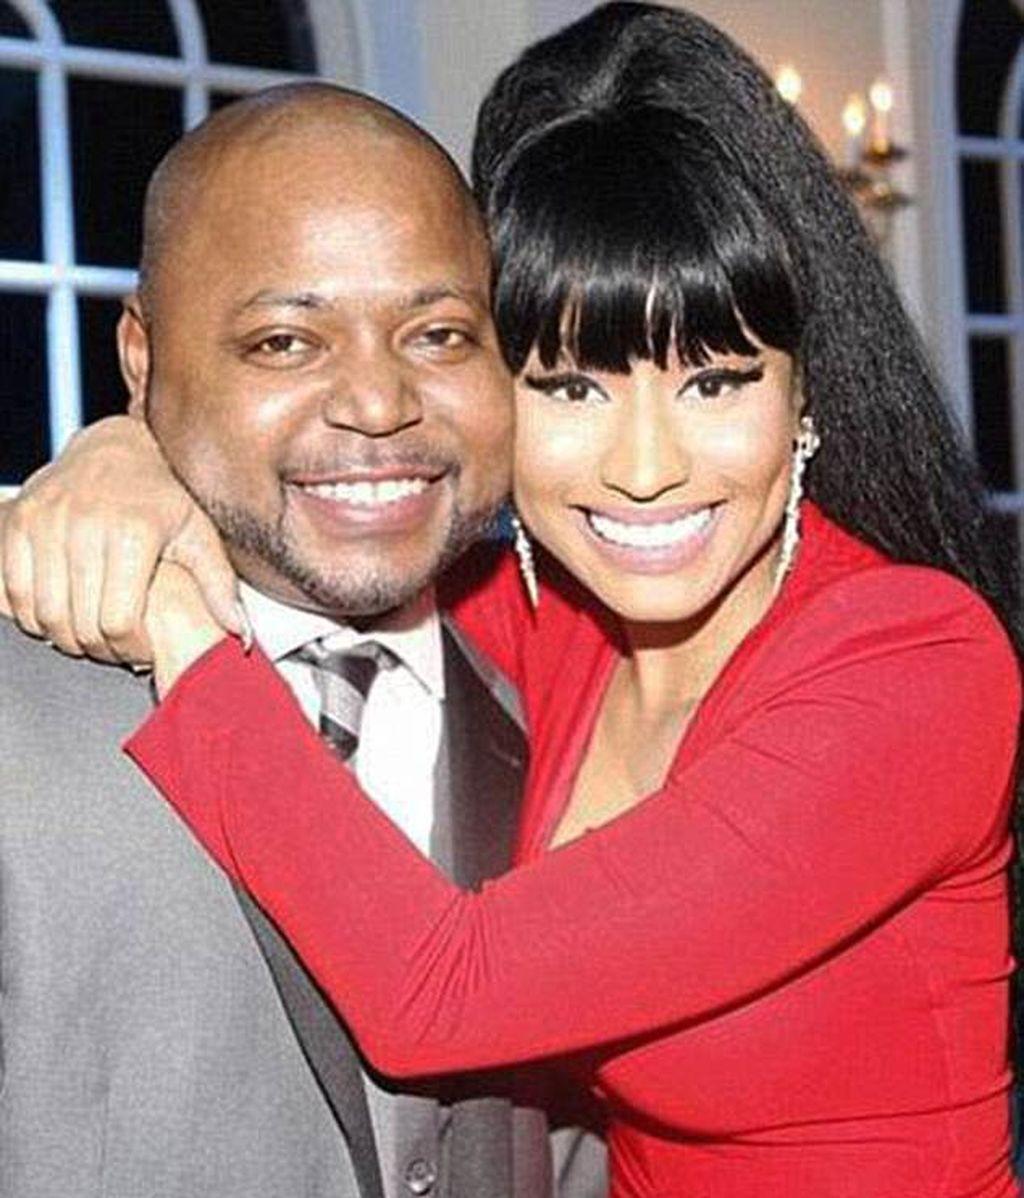 El hermano de Nicki Minaj ha sido declarado culpable por abusar de su hijastra de 11 años